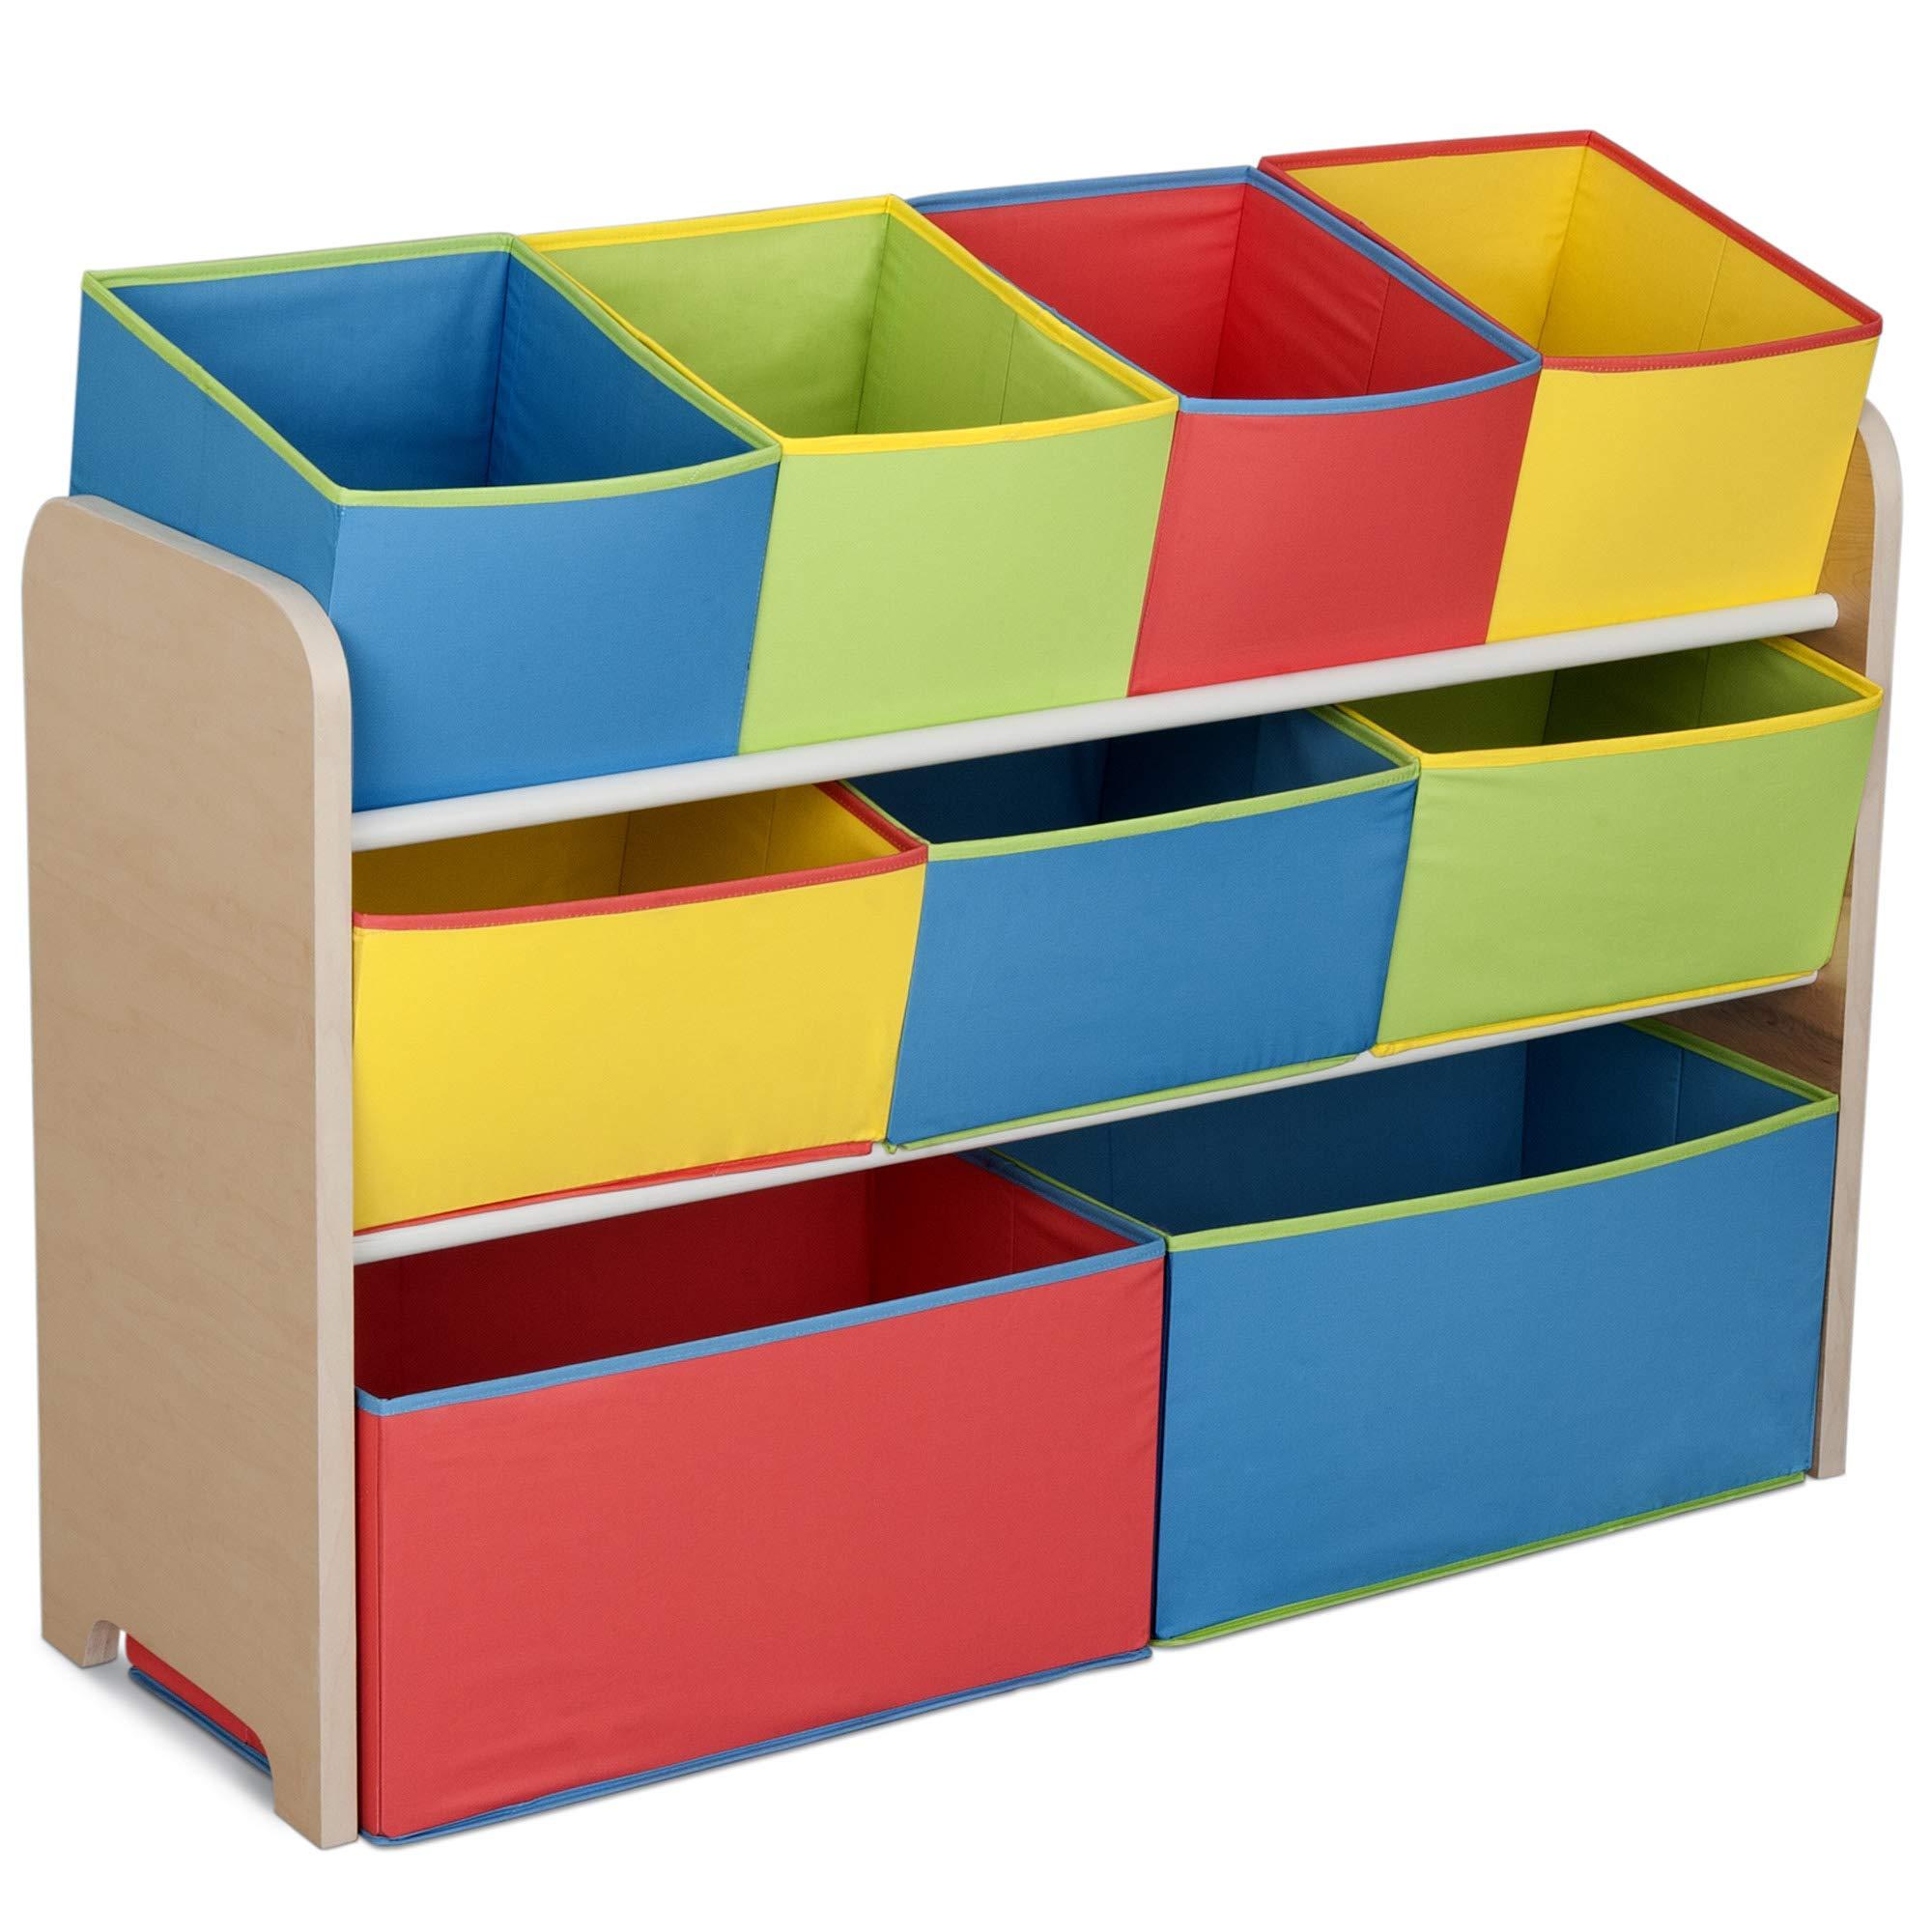 Delta Children Deluxe Multi-Bin Toy Organizer with Storage Bins , Natural/Primary by Delta Children